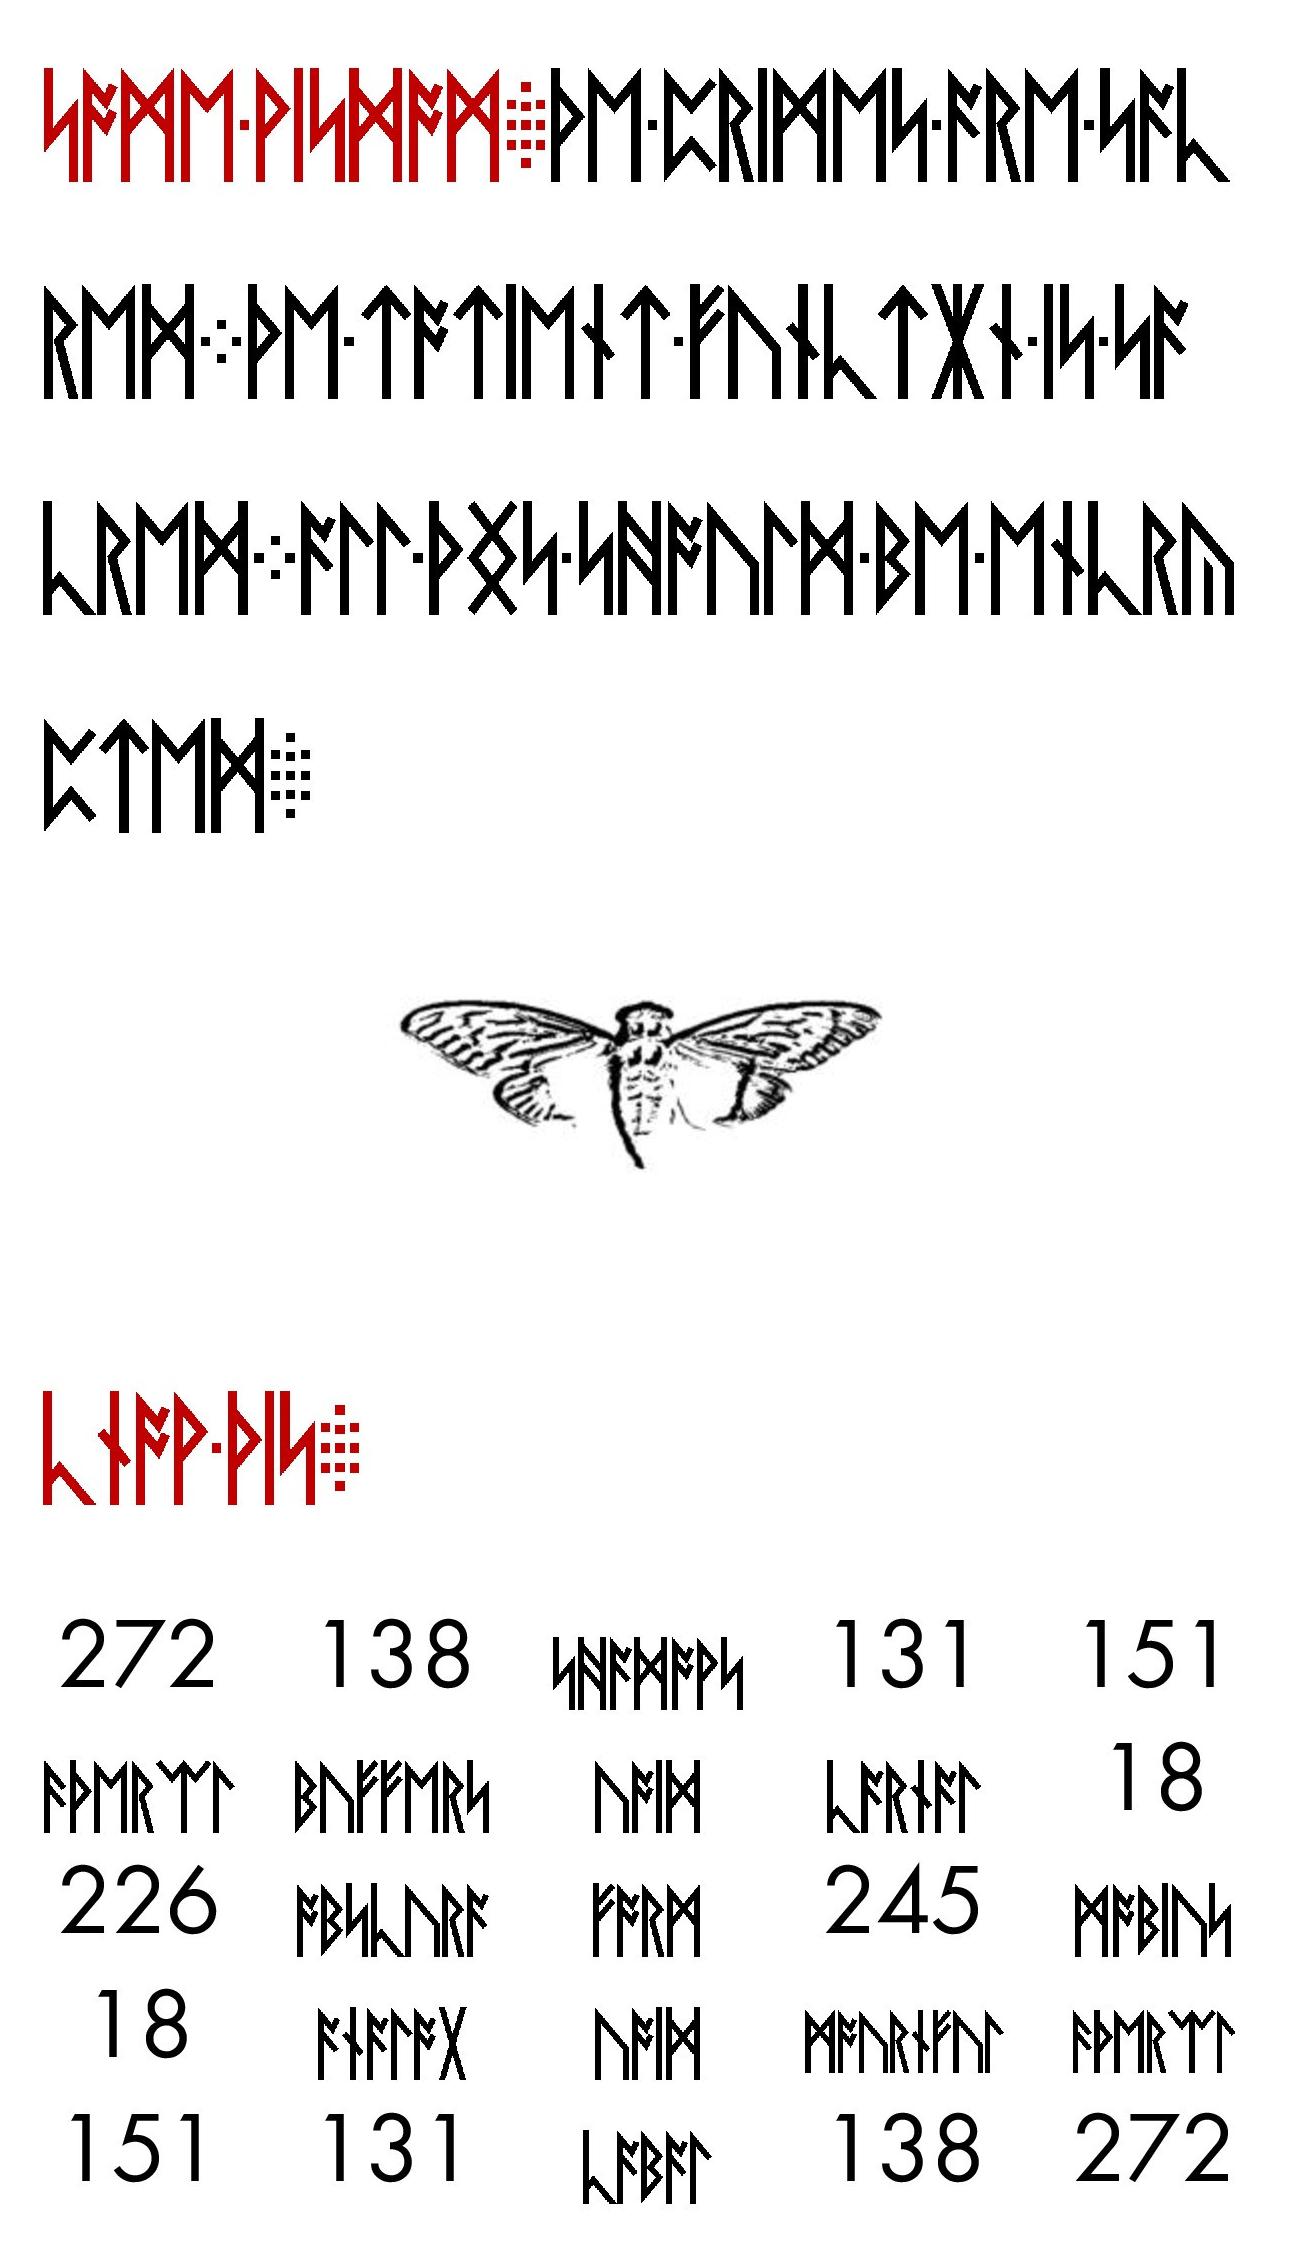 Cicada-Cryptogram-2014